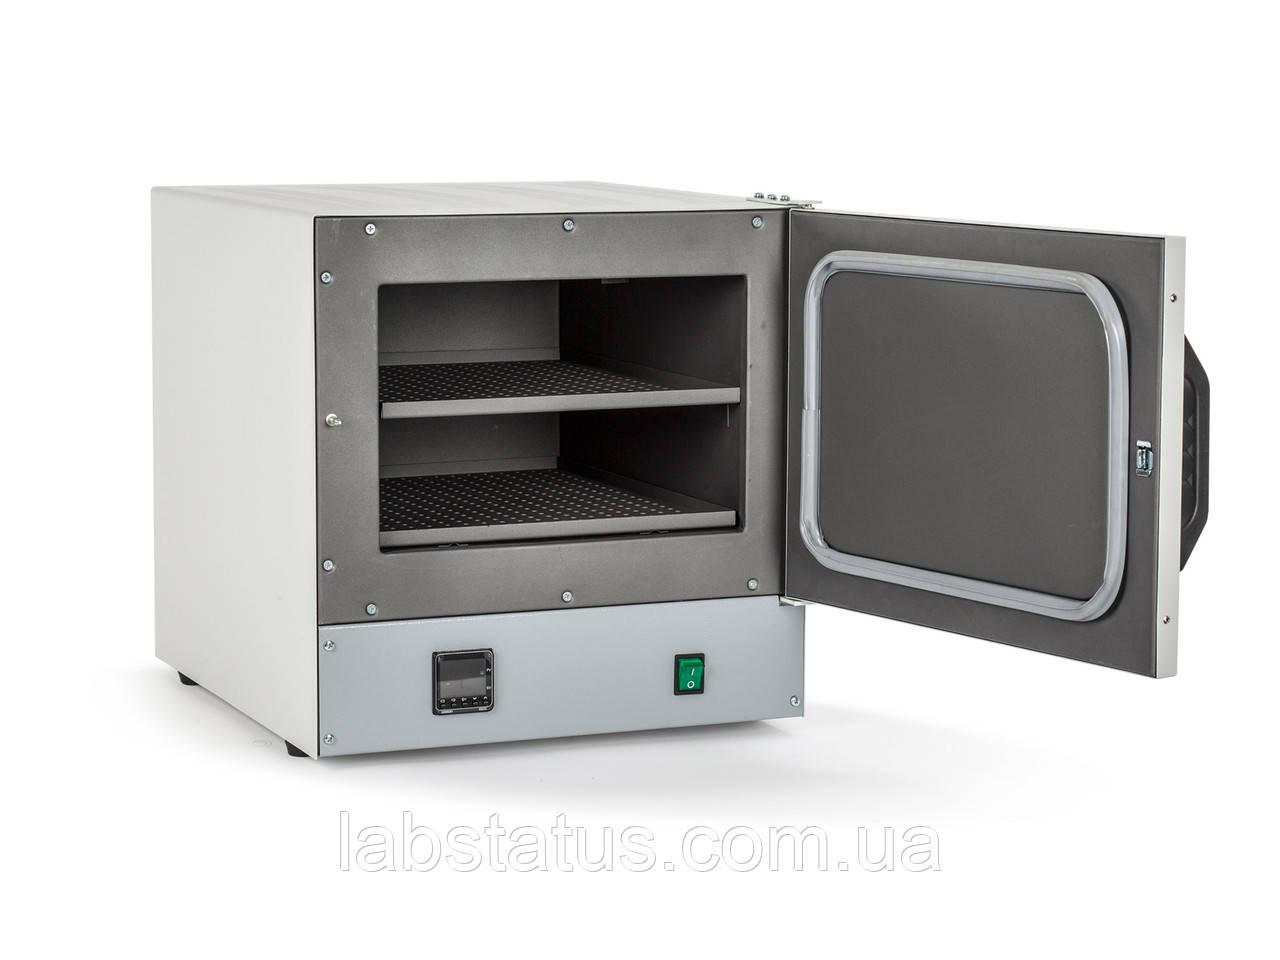 Сушильный шкаф SNOL 24/200 (сталь, микропроц.)